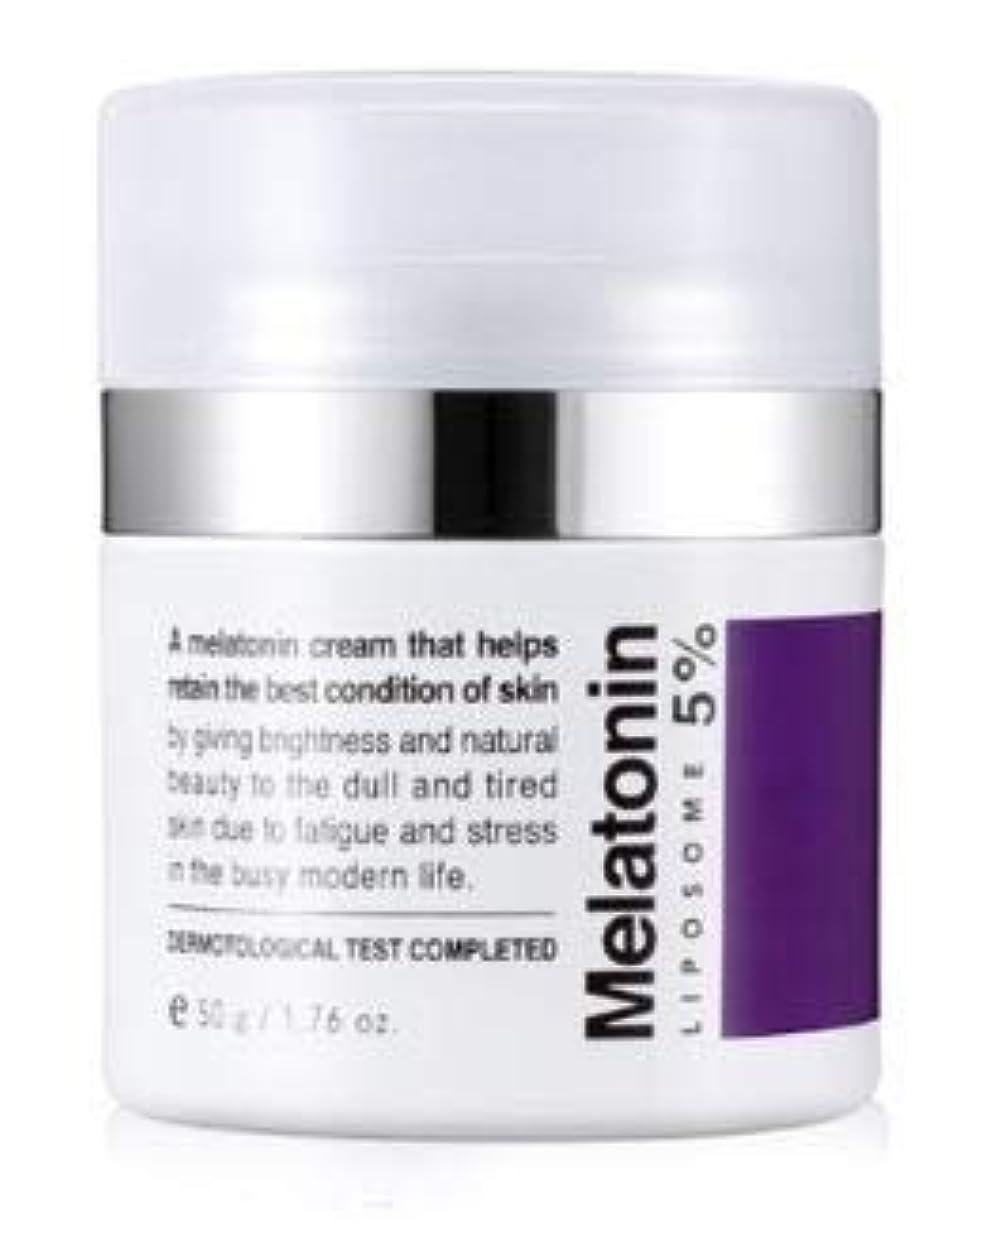 仕事恩赦エーカー[Max Clinic] Time Return Melatonin Cream / [マックスクリニック] タイムリターンメラトニンクリーム (容量,  50g) [並行輸入品]